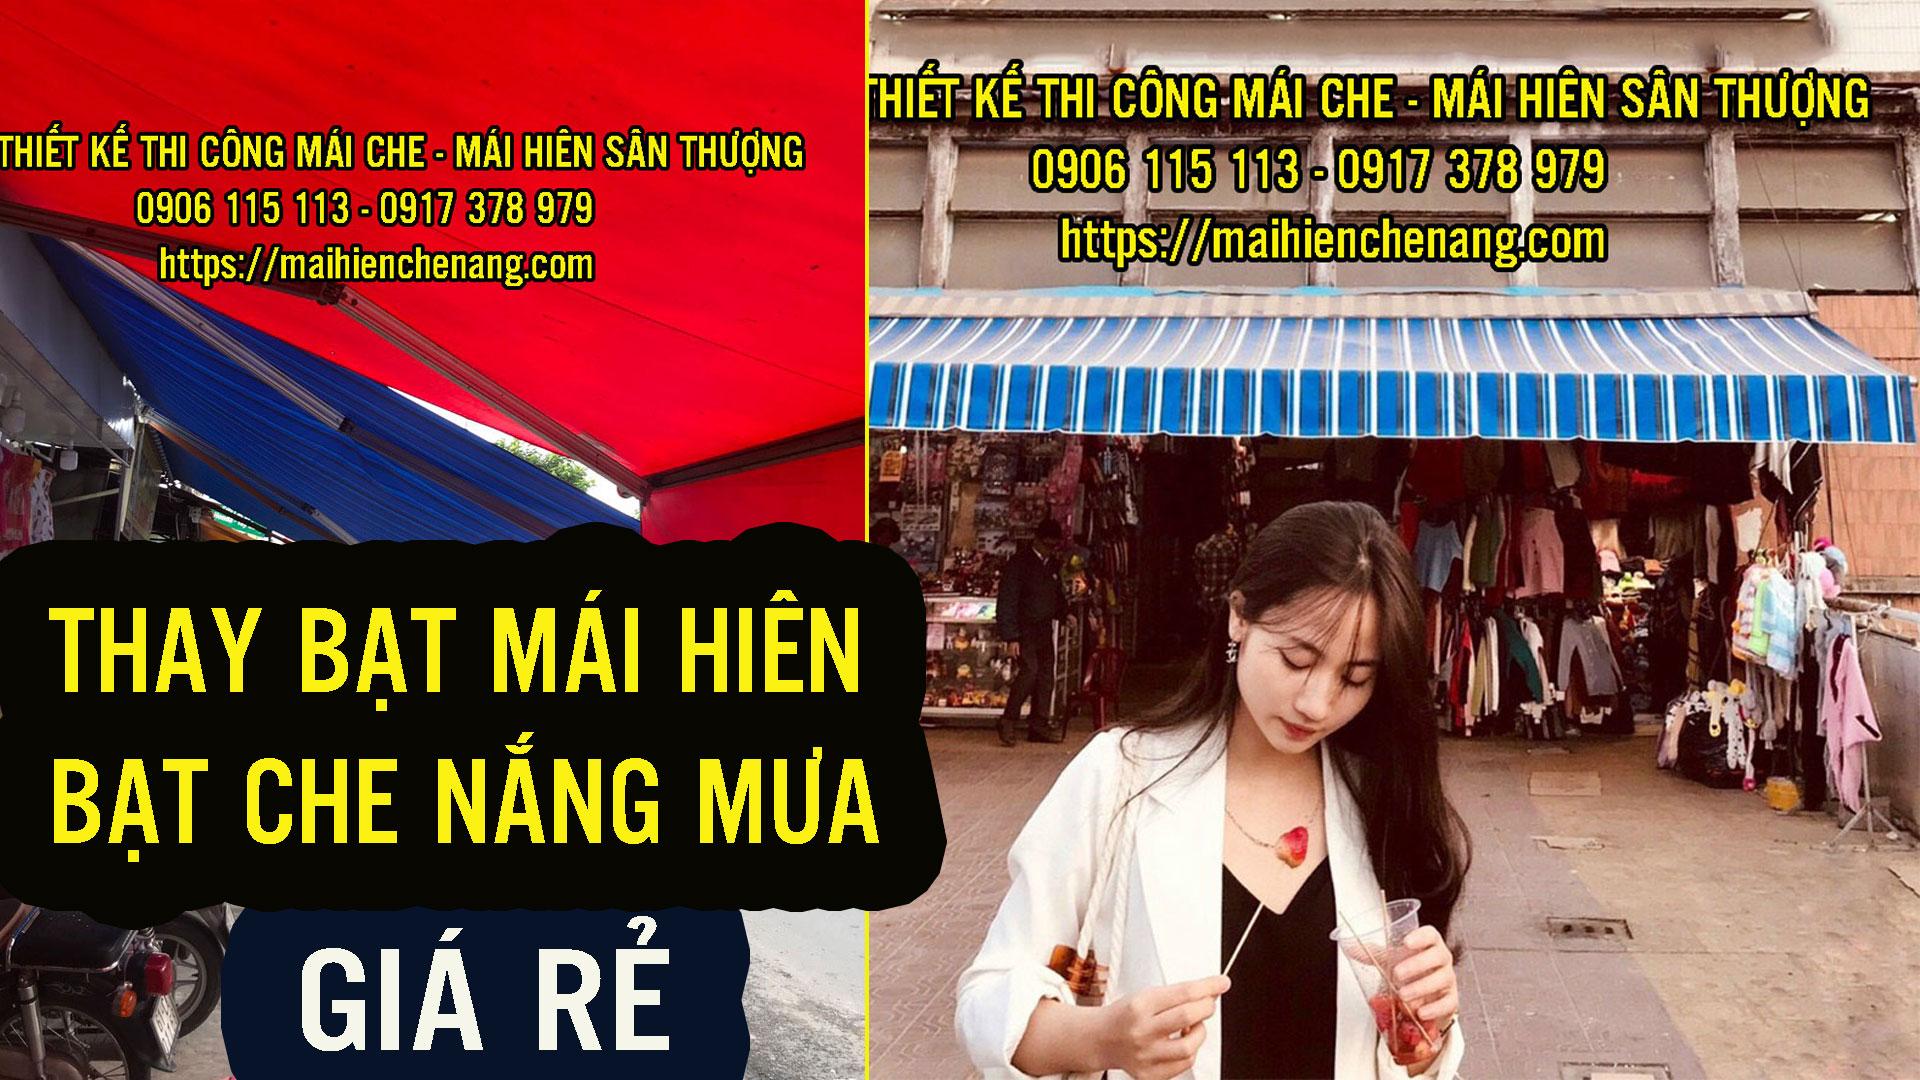 +Bạt Che Nắng Mưa Nguyễn Lê Phát +Chuyên: Cung Cấp Bạt Mái Hiên Che Nắng Mưa Bình Thuận, Thi Công Lắp Mái Bạt Xếp giá rẻ tại Bình Thuận giá rẻ uy tín +Bạt Che Cuốn.